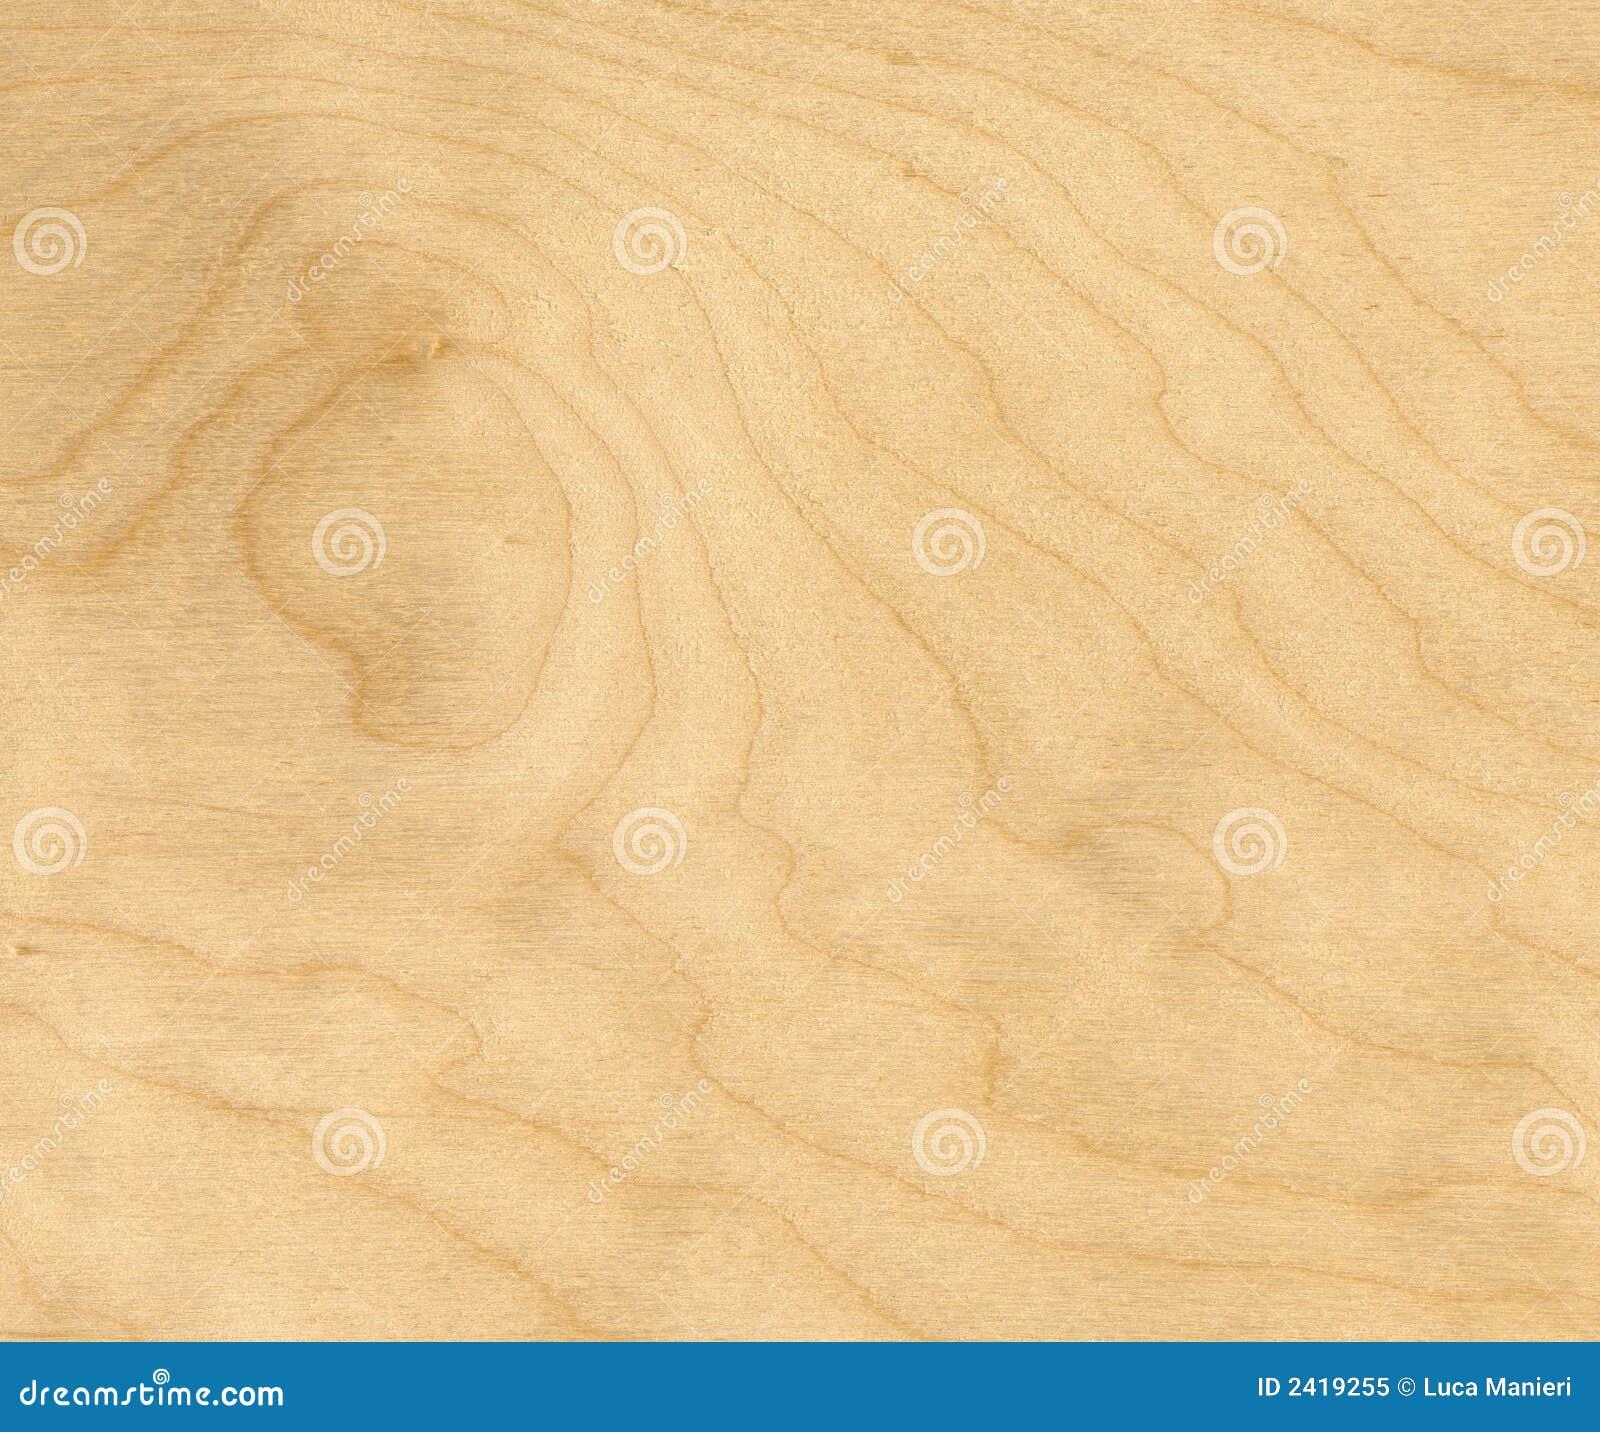 birch wood background stock image image of wood background 2419255